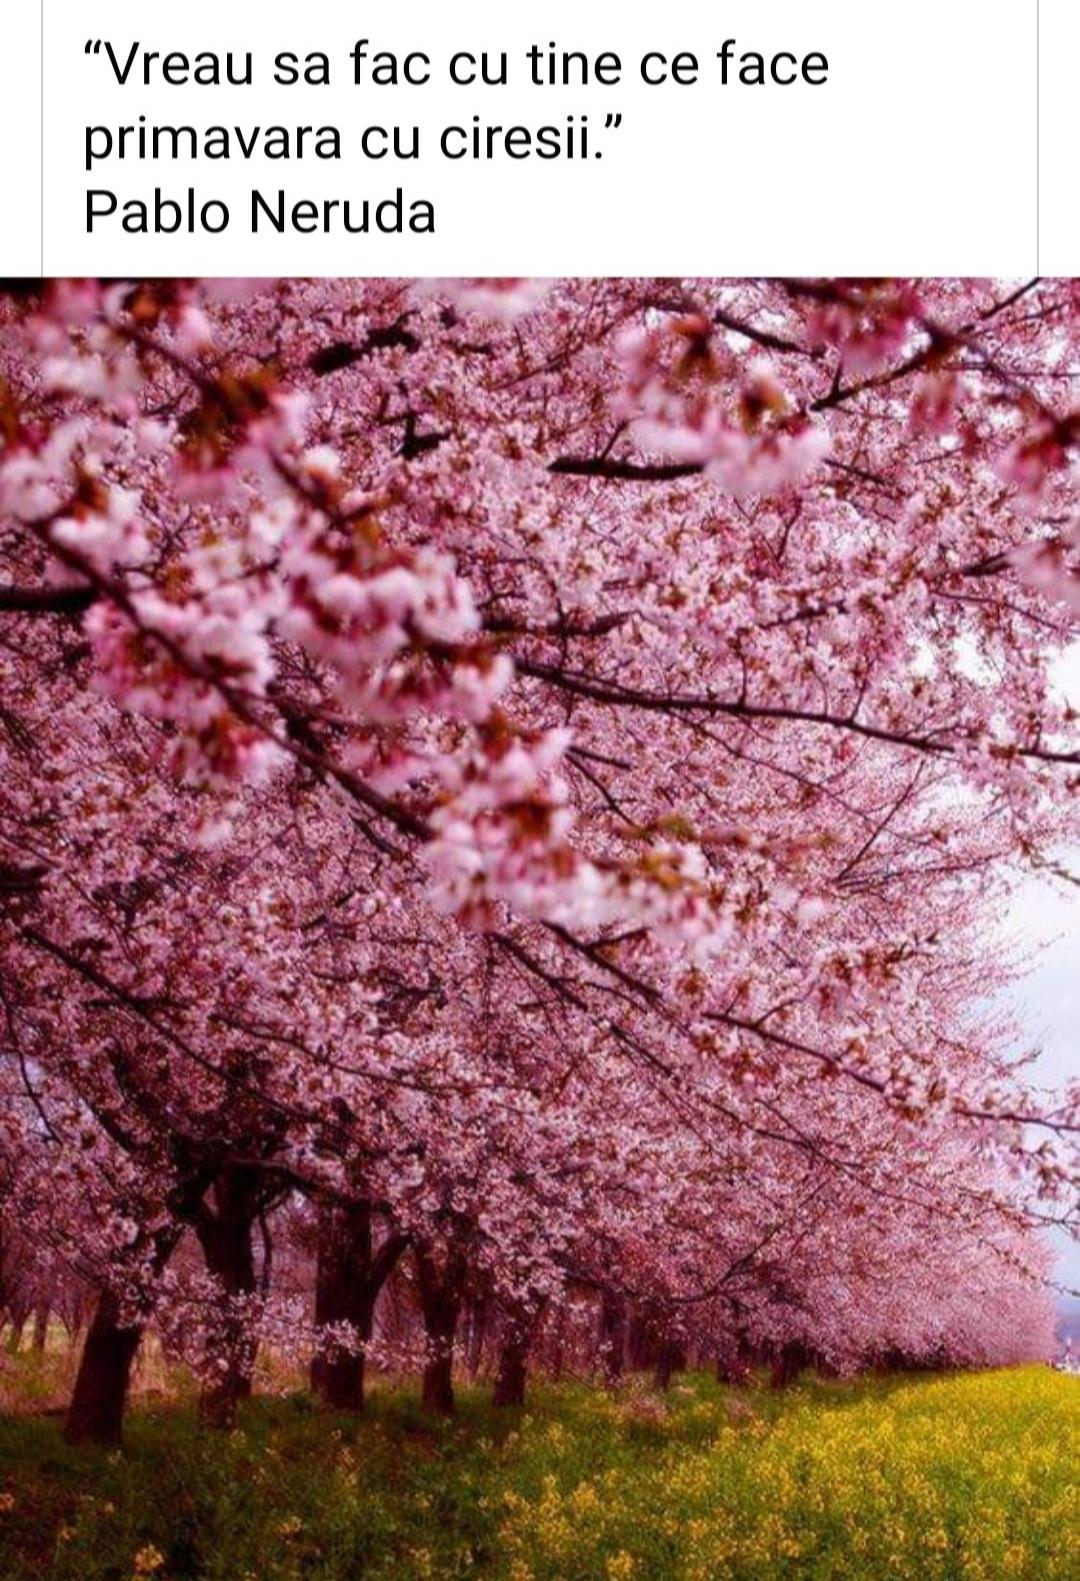 """,,Vreau să fac cu tine ce face primăvara cu cireșii"""""""